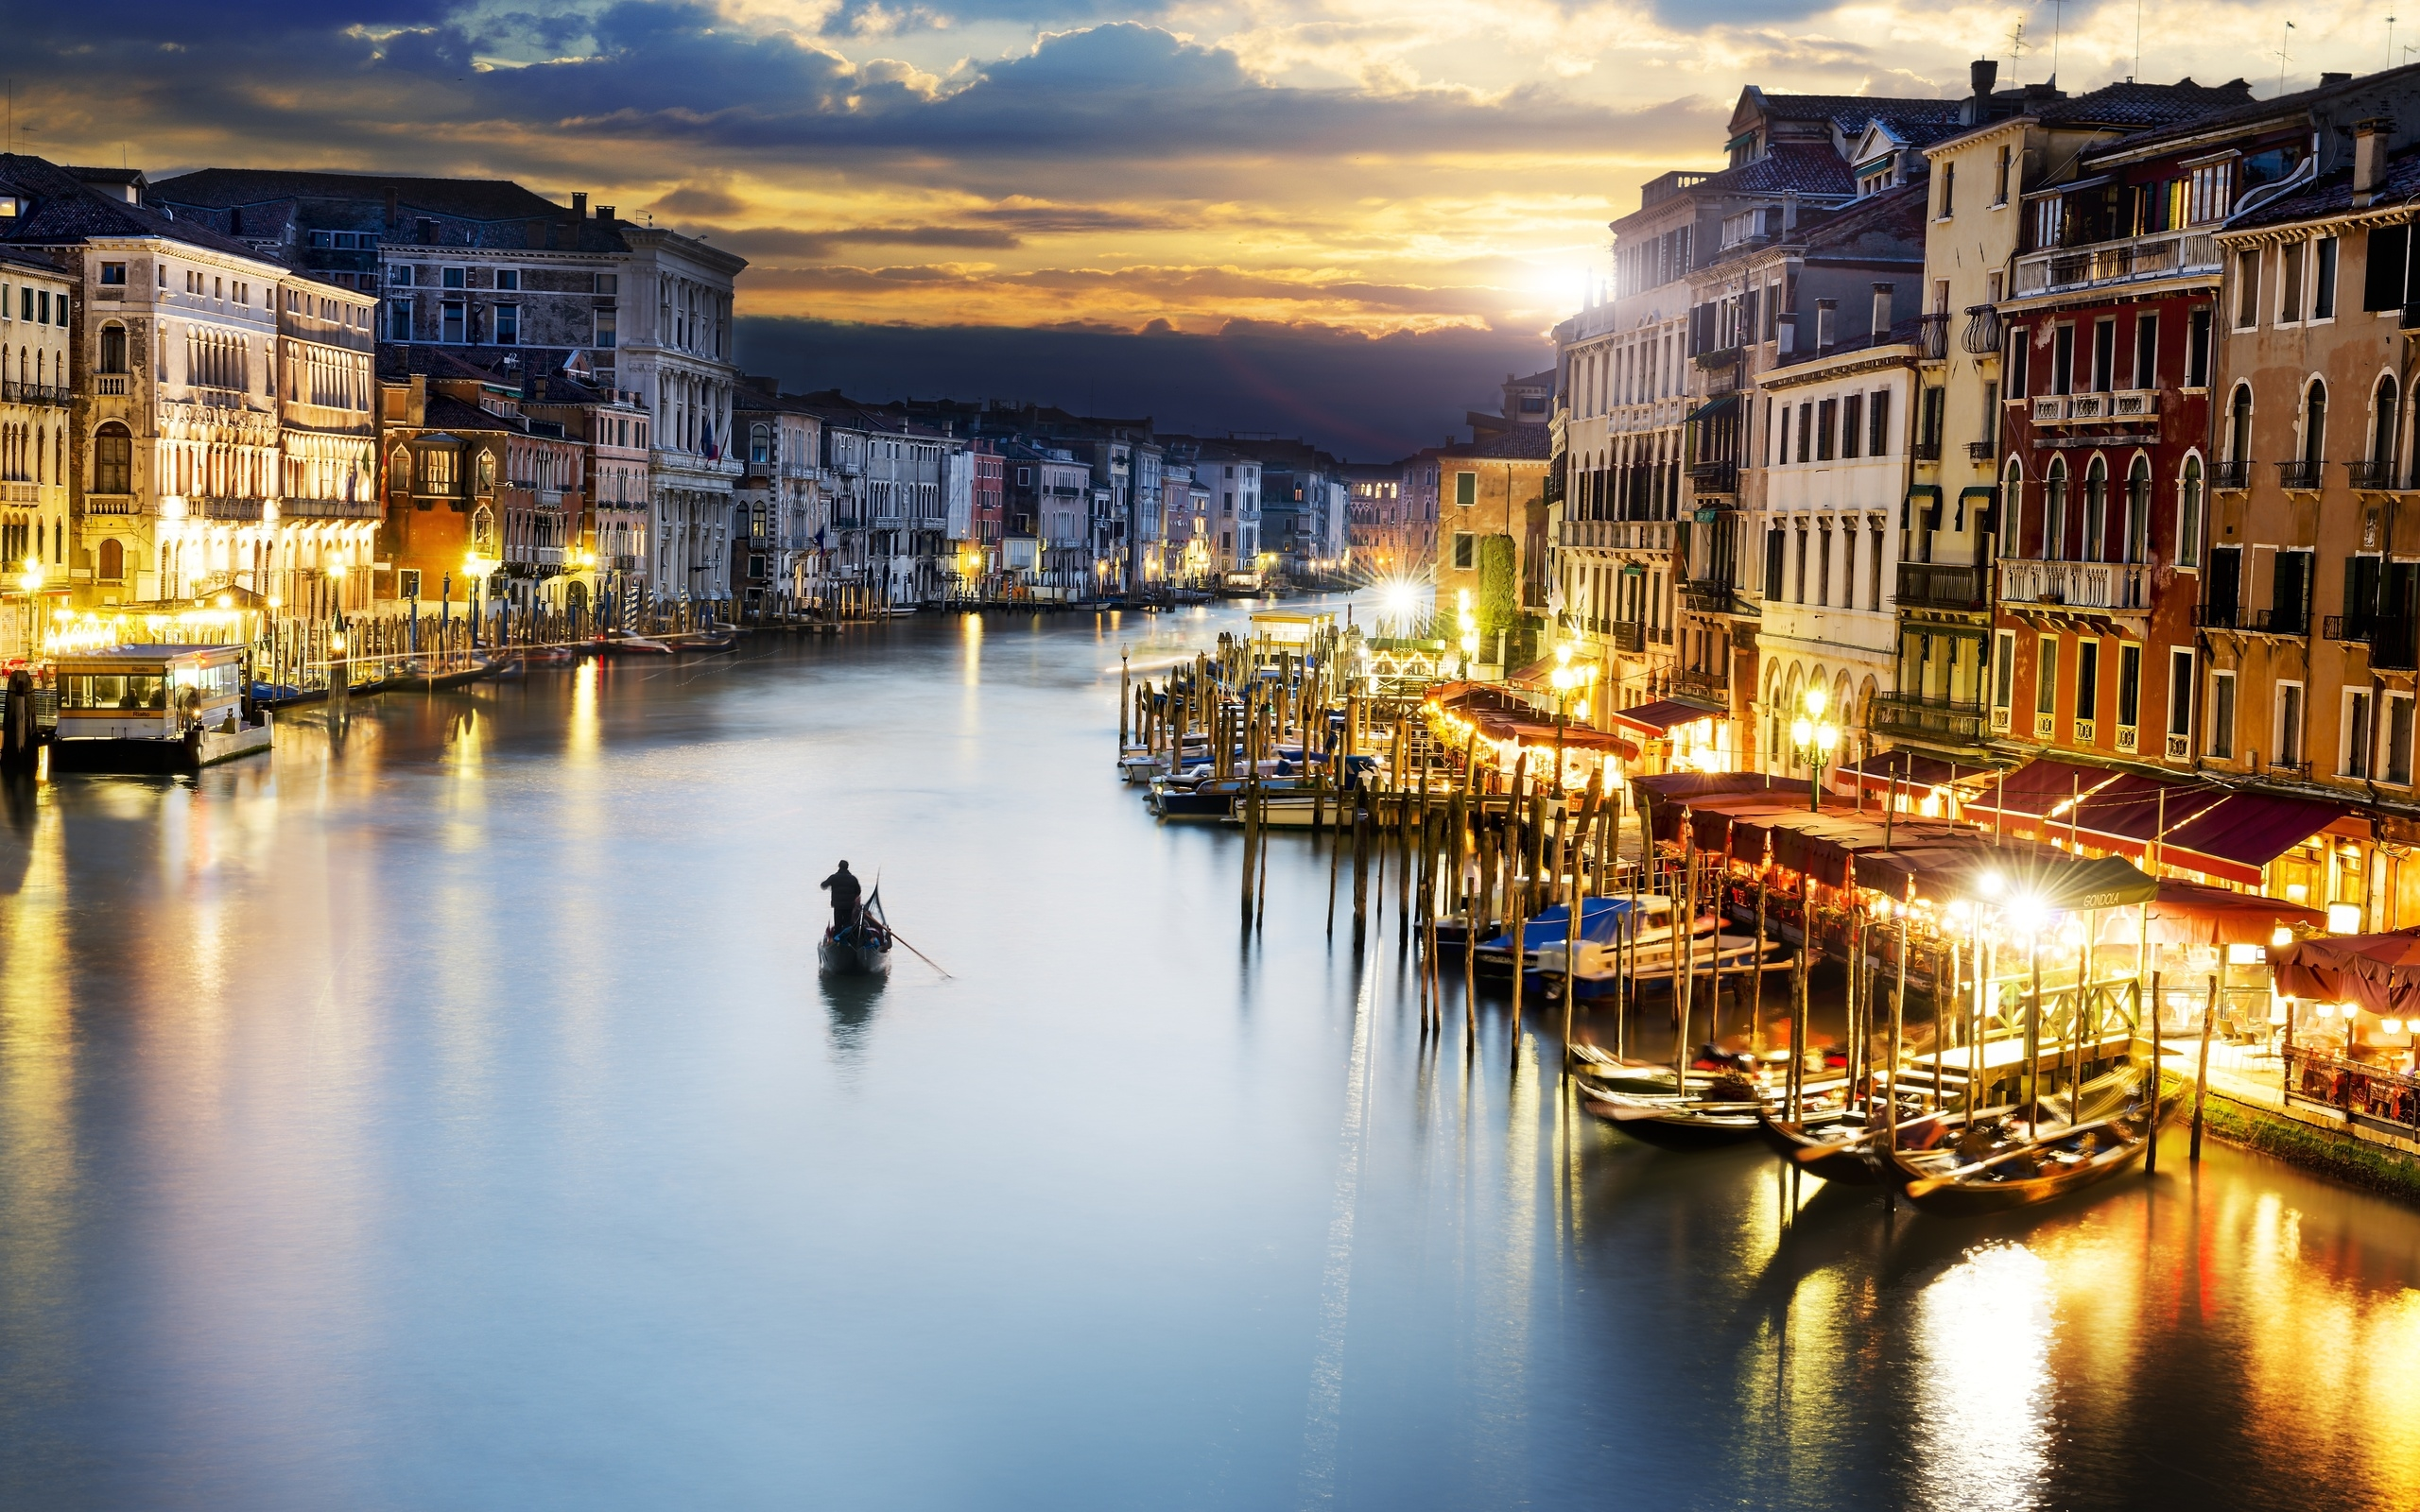 лодочник, Венеция, дома